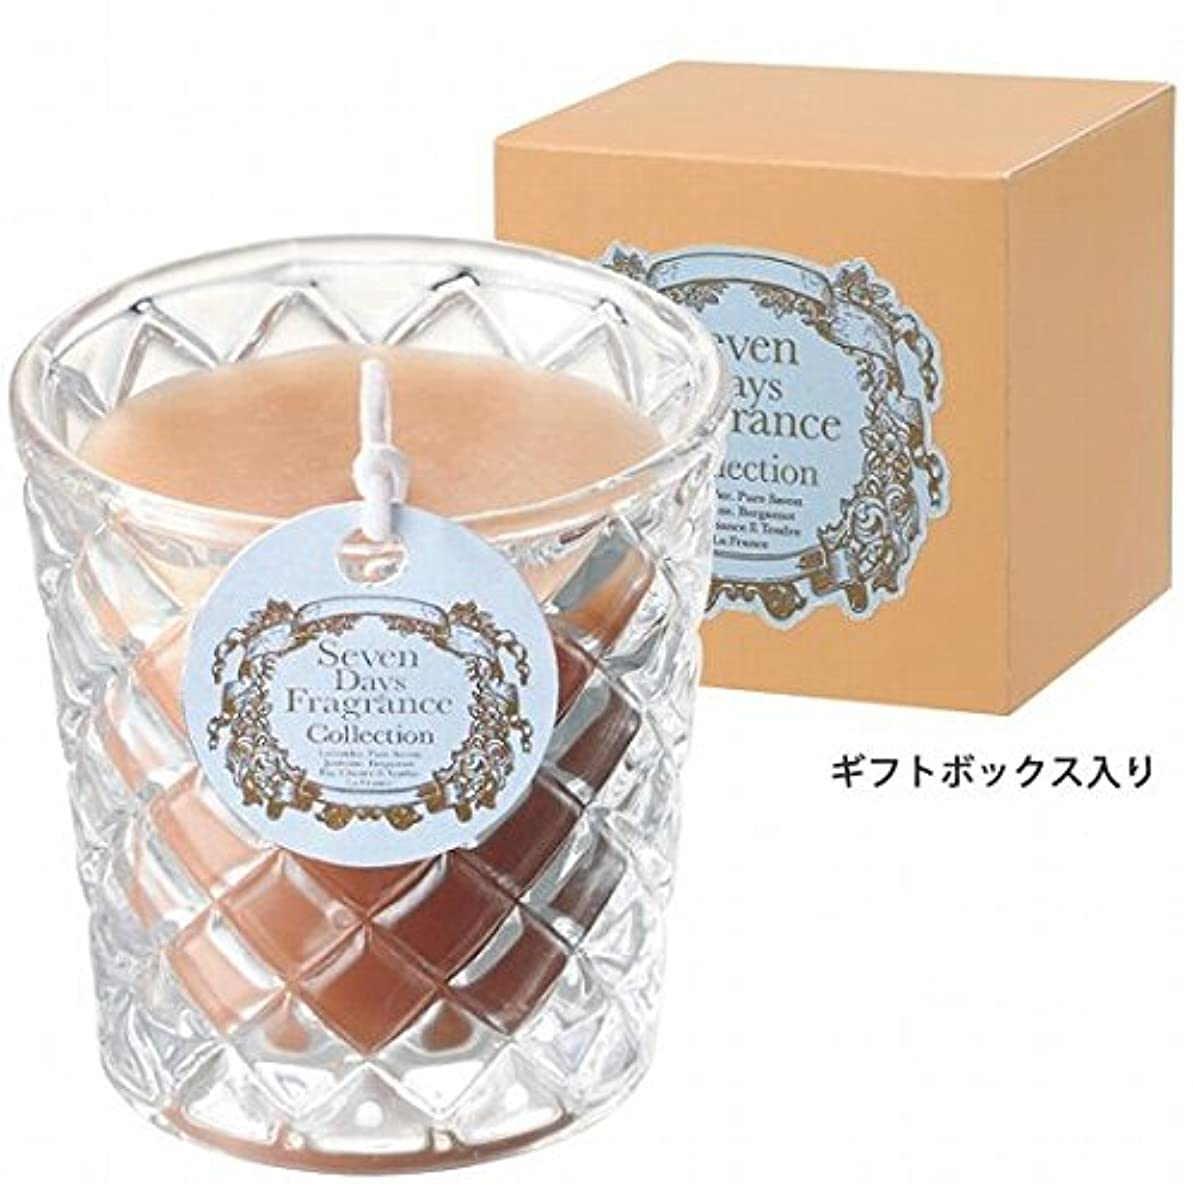 平和的比較失効カメヤマキャンドル( kameyama candle ) セブンデイズグラスキャンドル(火曜日) 「 ジャスミン 」